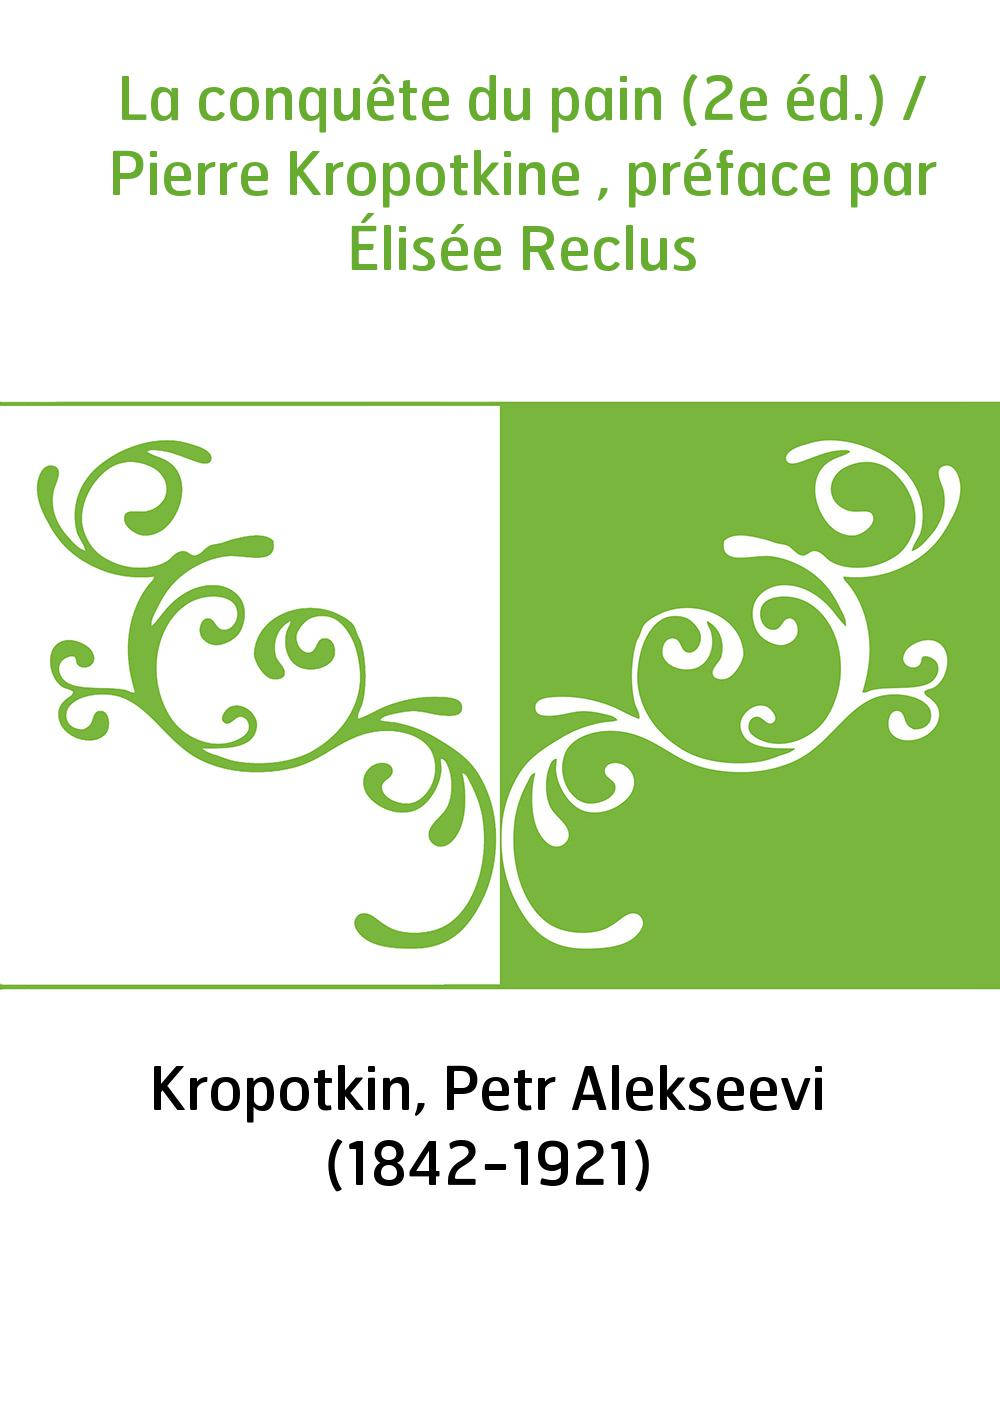 La conquête du pain (2e éd.) / Pierre Kropotkine , préface par Élisée Reclus